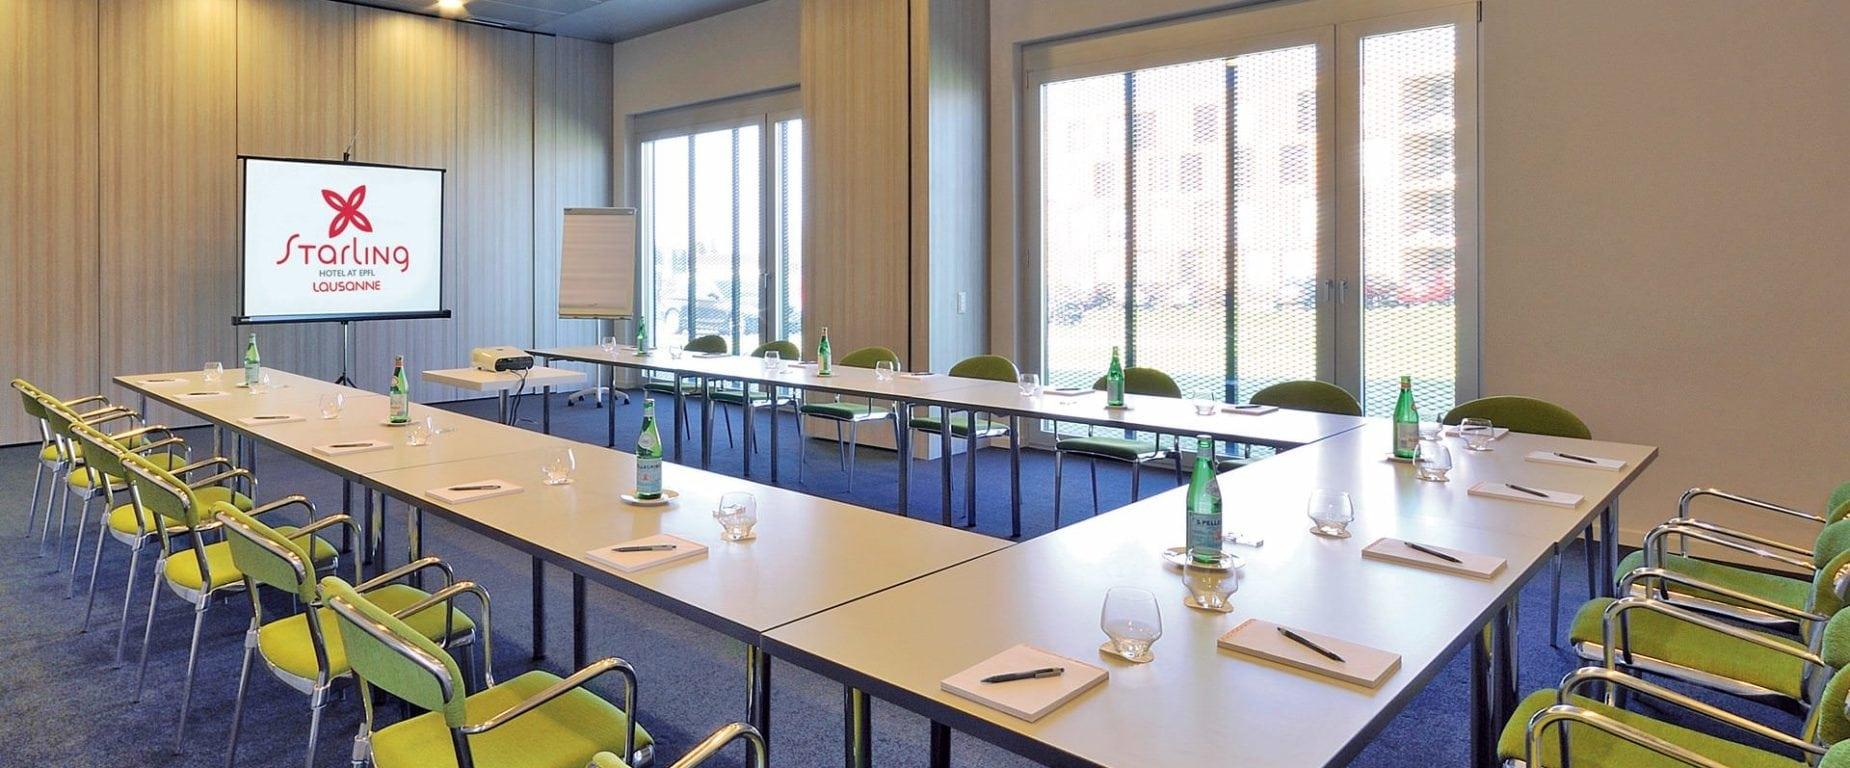 Salle conférence préparée Starling Lausanne